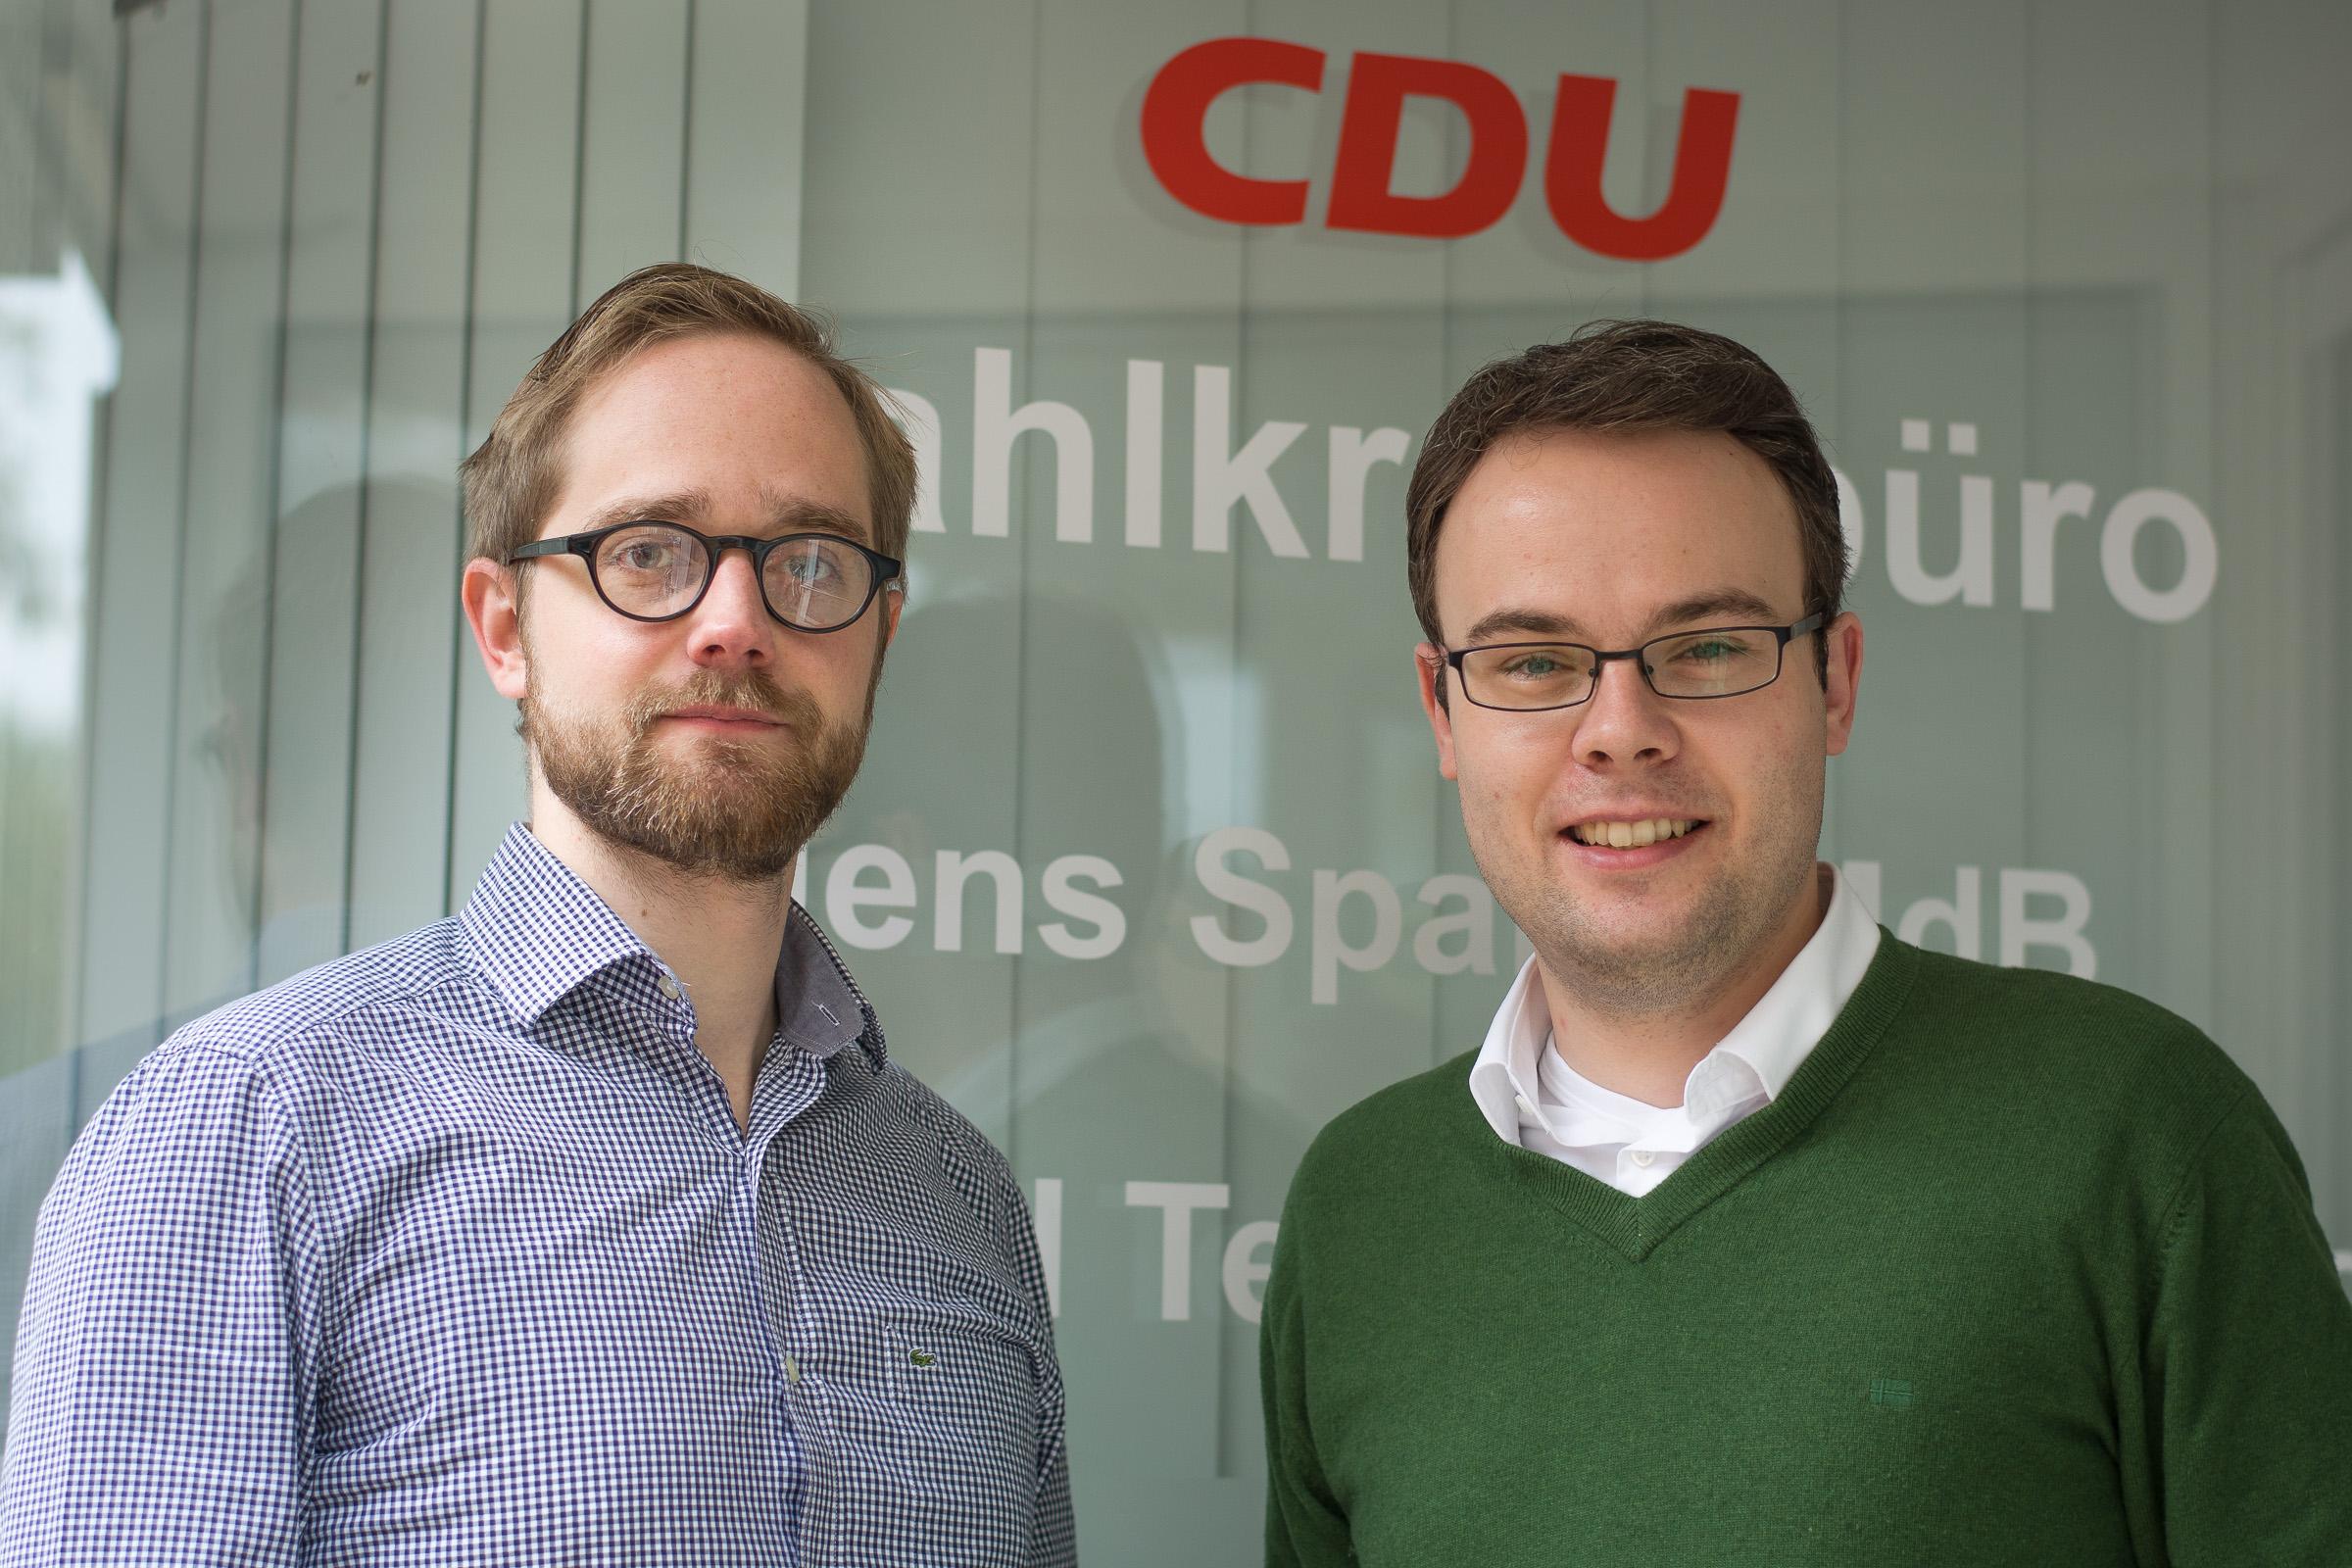 JU-Kreisvorsitzender Thomas Eusterfeldhaus (rechts) mit Michael Dust